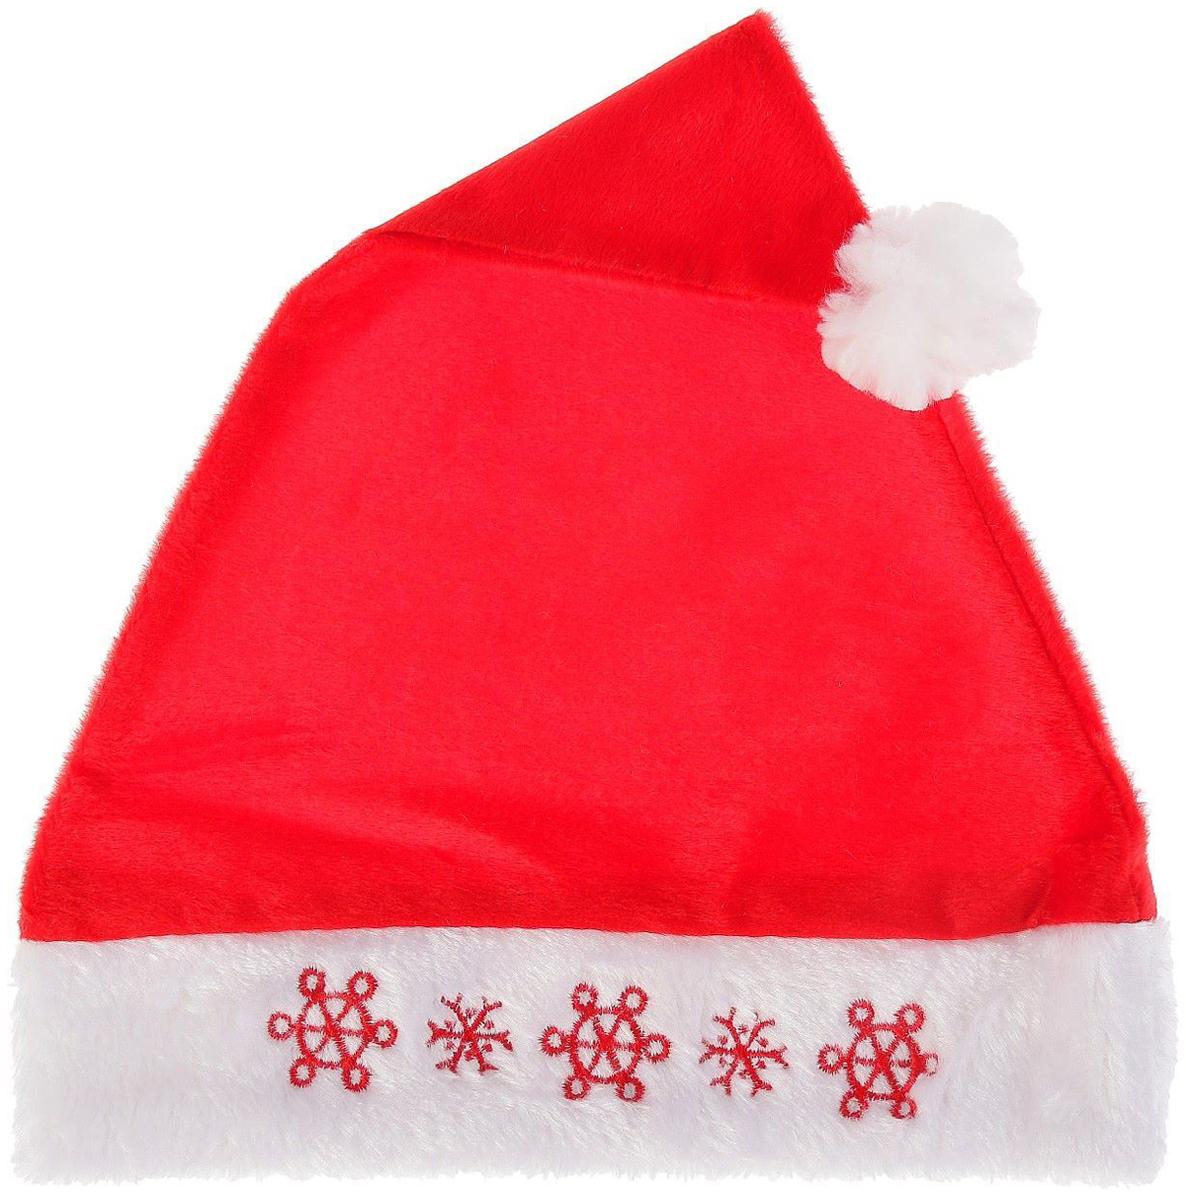 Колпак новогодний Снежинки, 28 х 38 см2351994Невозможно представить нашу жизнь без праздников! Мы всегда ждем их и предвкушаем, обдумываем, как проведем памятный день, тщательно выбираем подарки и аксессуары, ведь именно они создают и поддерживают торжественный настрой. Это отличный выбор, который привнесет атмосферу праздника в ваш дом!